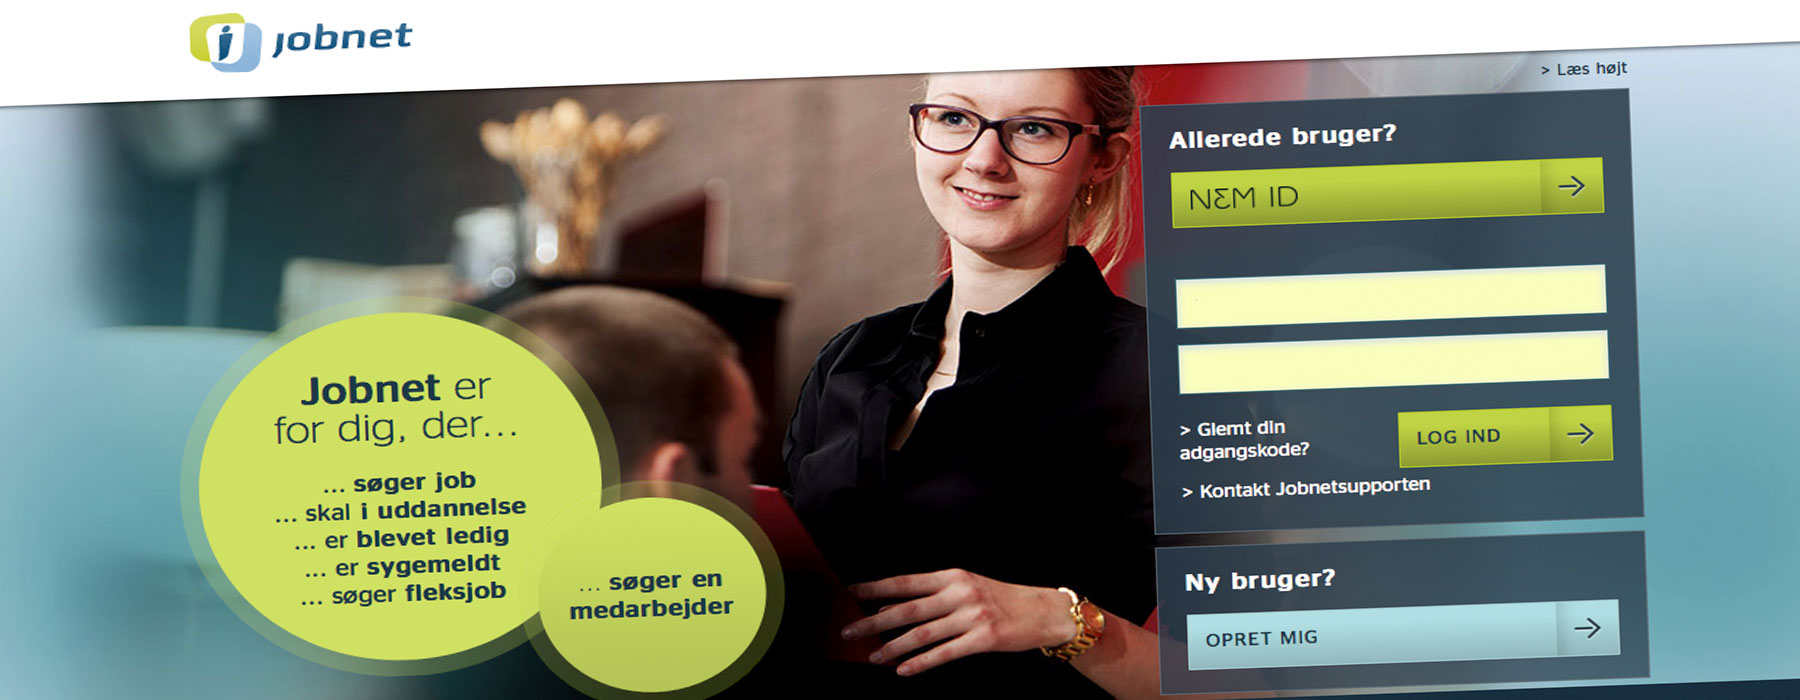 Jobnet.dk - læs mere om Jobnet her